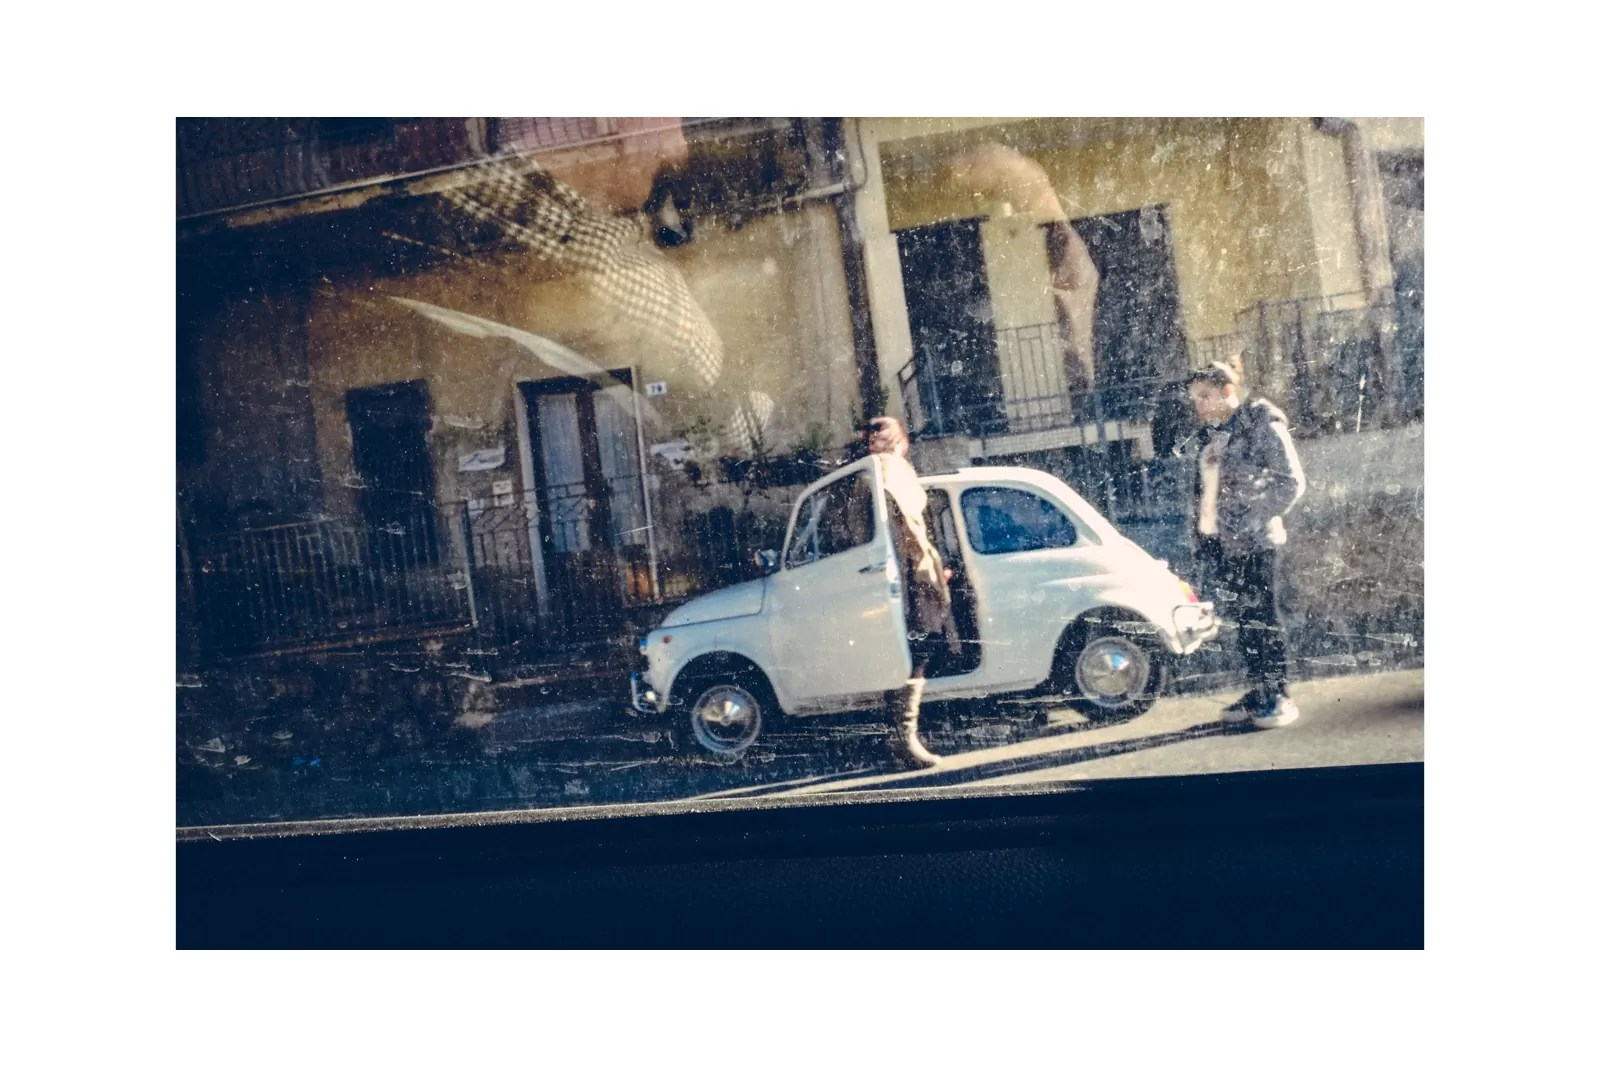 DSCF8681 - Crisi dell'Editing fotografico e la Street Photography - fotostreet.it